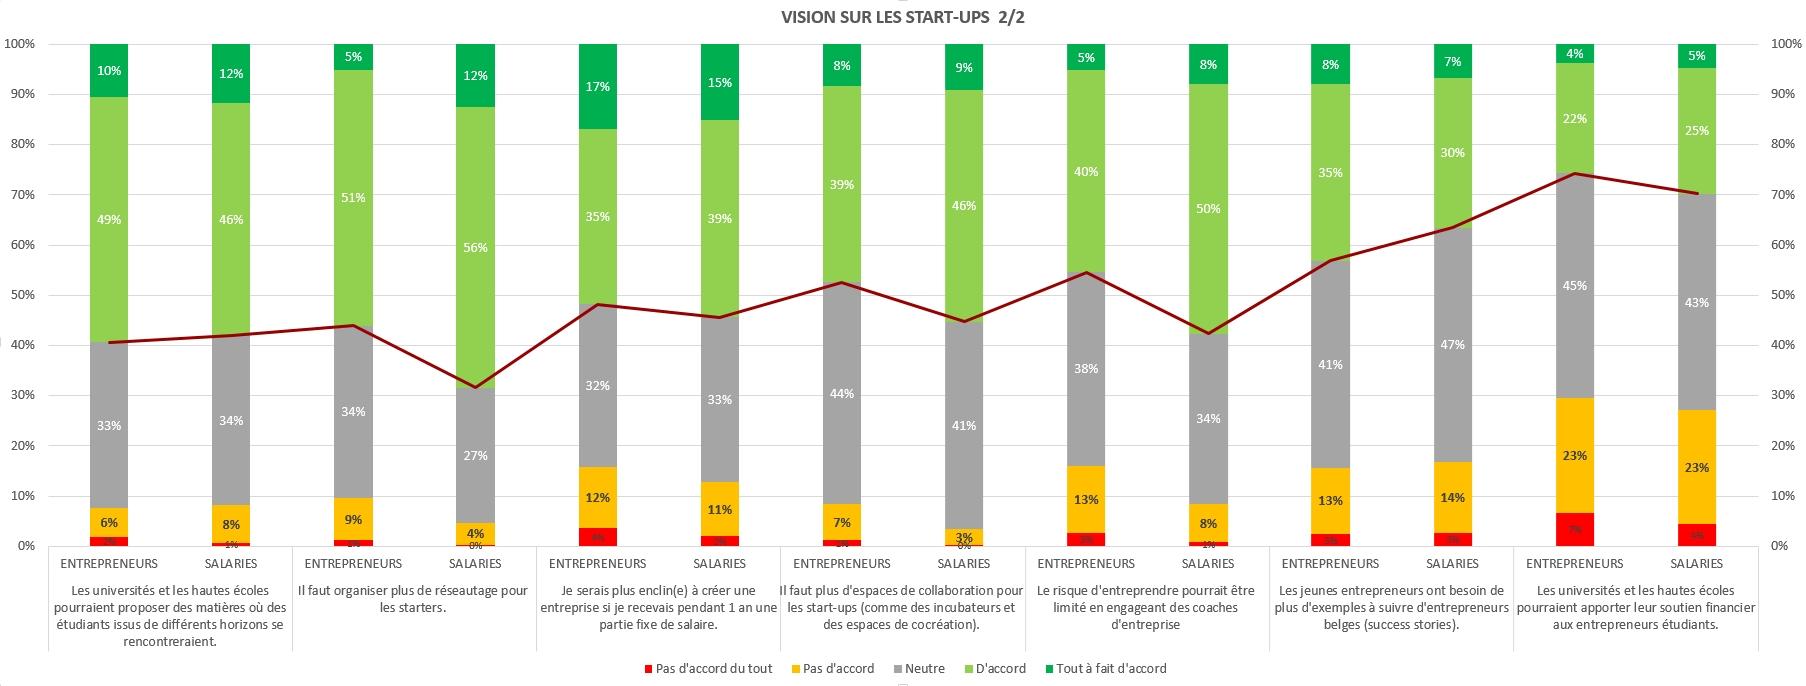 Les starters attendent plus de subsides, un régime fiscal plus favorable et moins d'administration